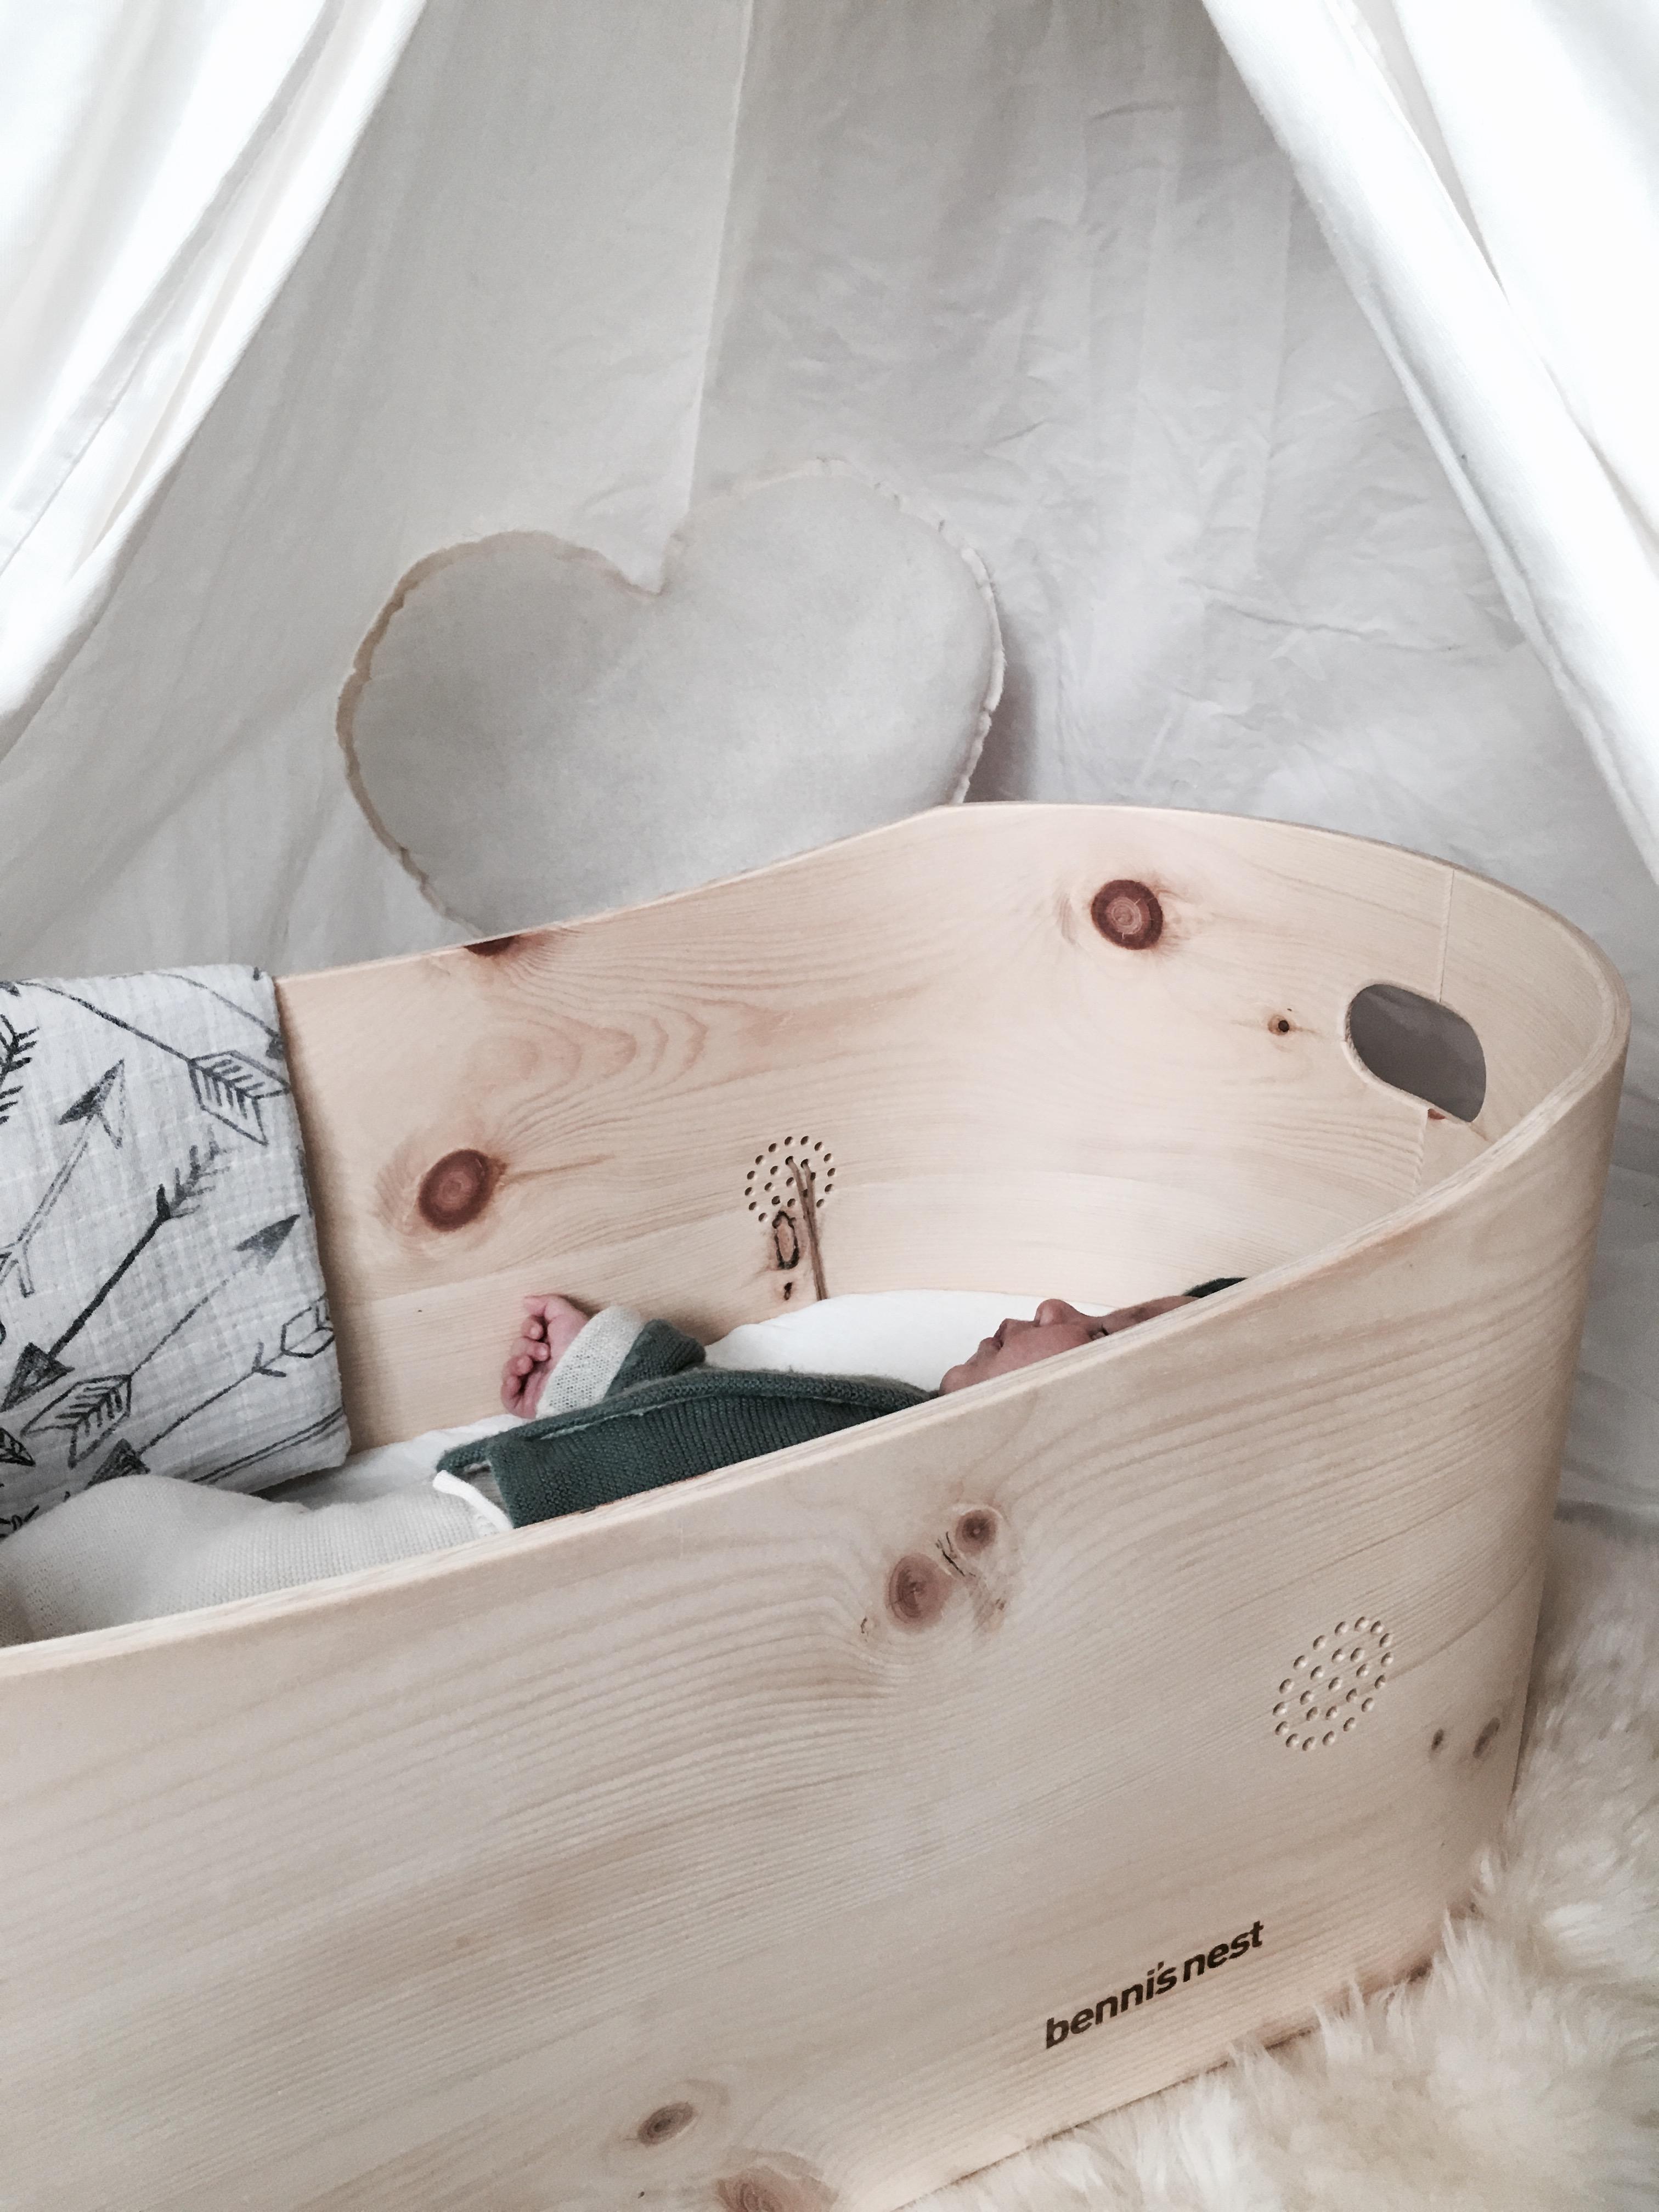 benni 39 s nest ein babybett aus zirbenholz f r viele generationen salon mama. Black Bedroom Furniture Sets. Home Design Ideas